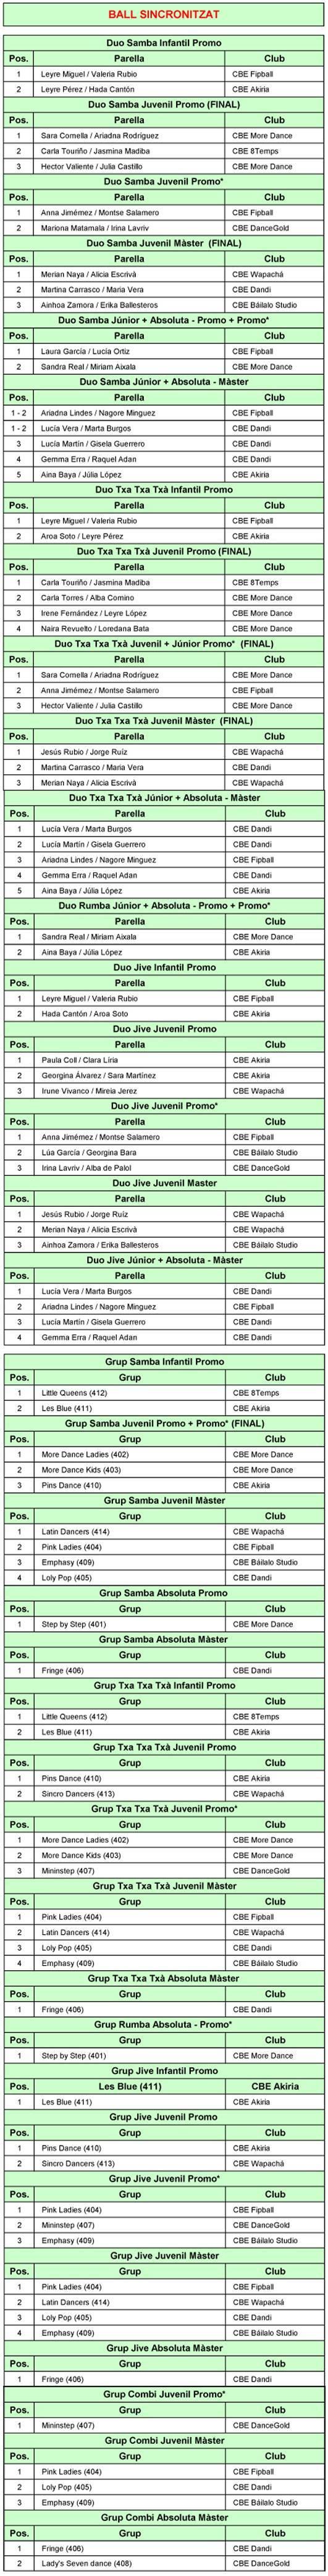 4a Prova Circuit Català - Barcelona (Ball Centre). Resultats    | Federació Catalana de Ball Esportiu